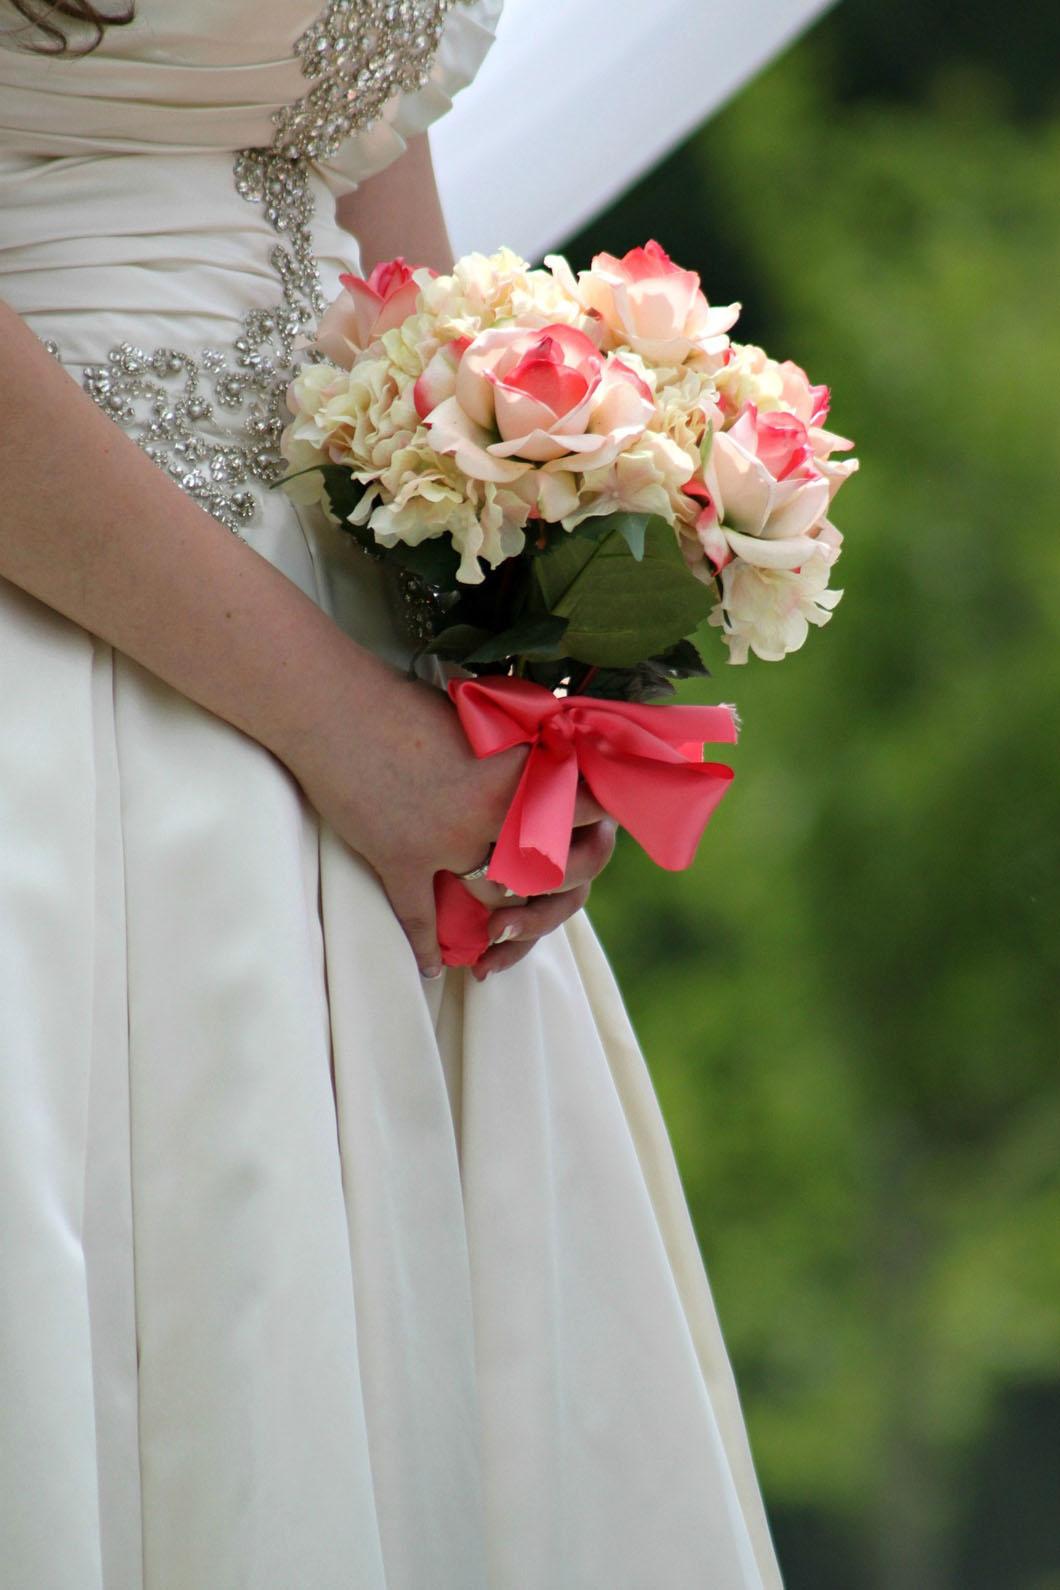 bröllopspar fotografering (1)